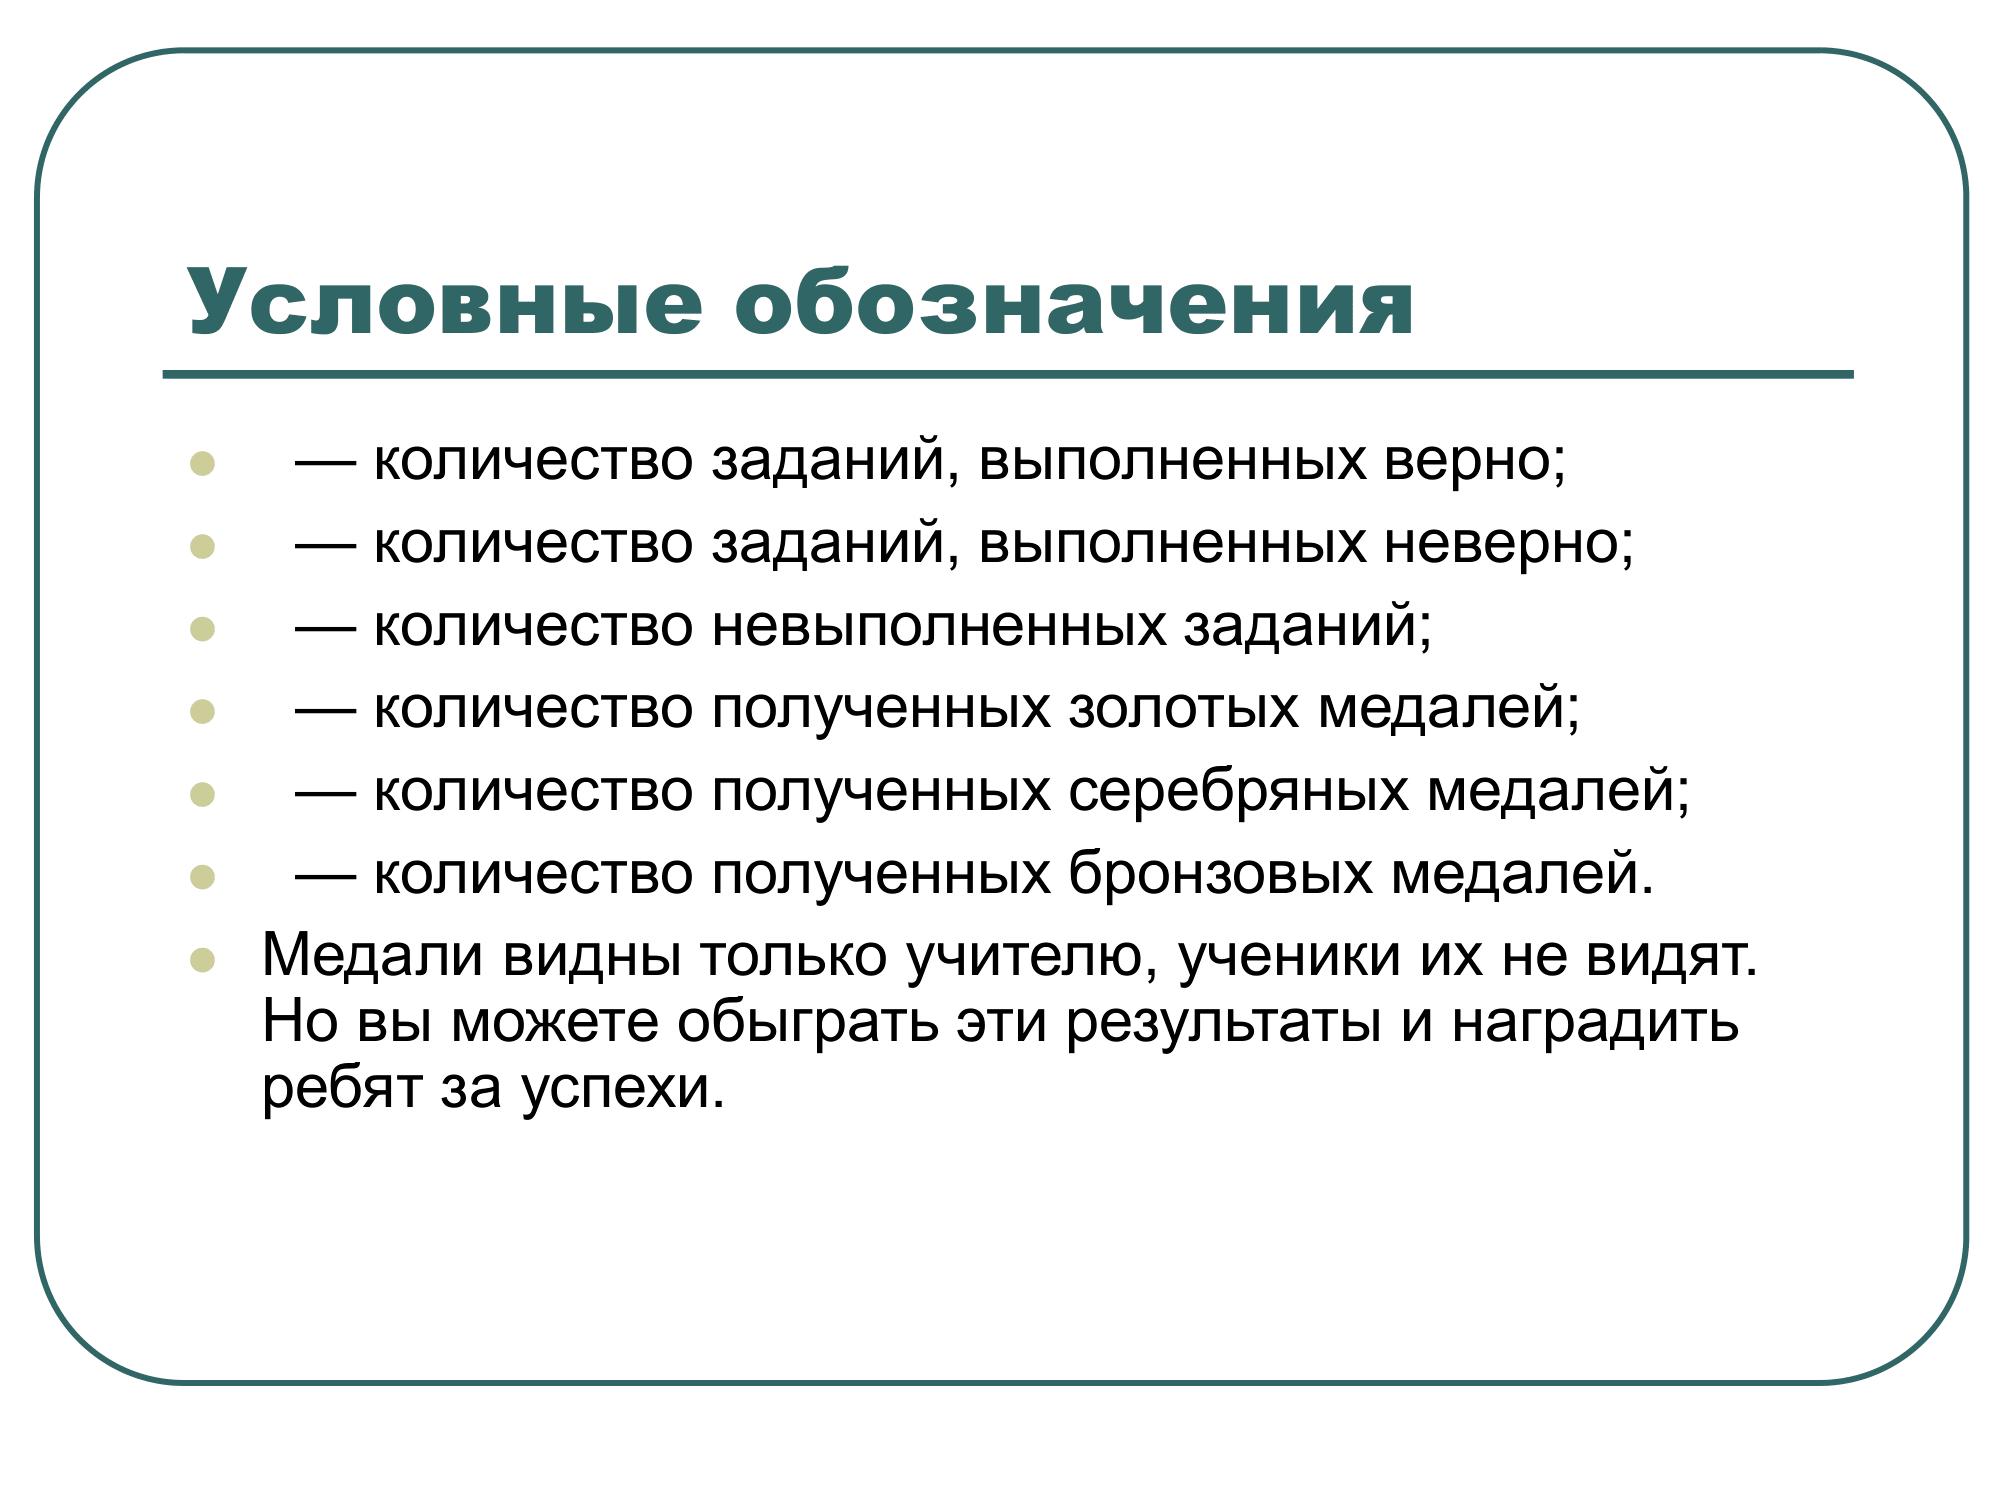 яндекс учебник. Презентация к докладу Васильченко Т.В._0007